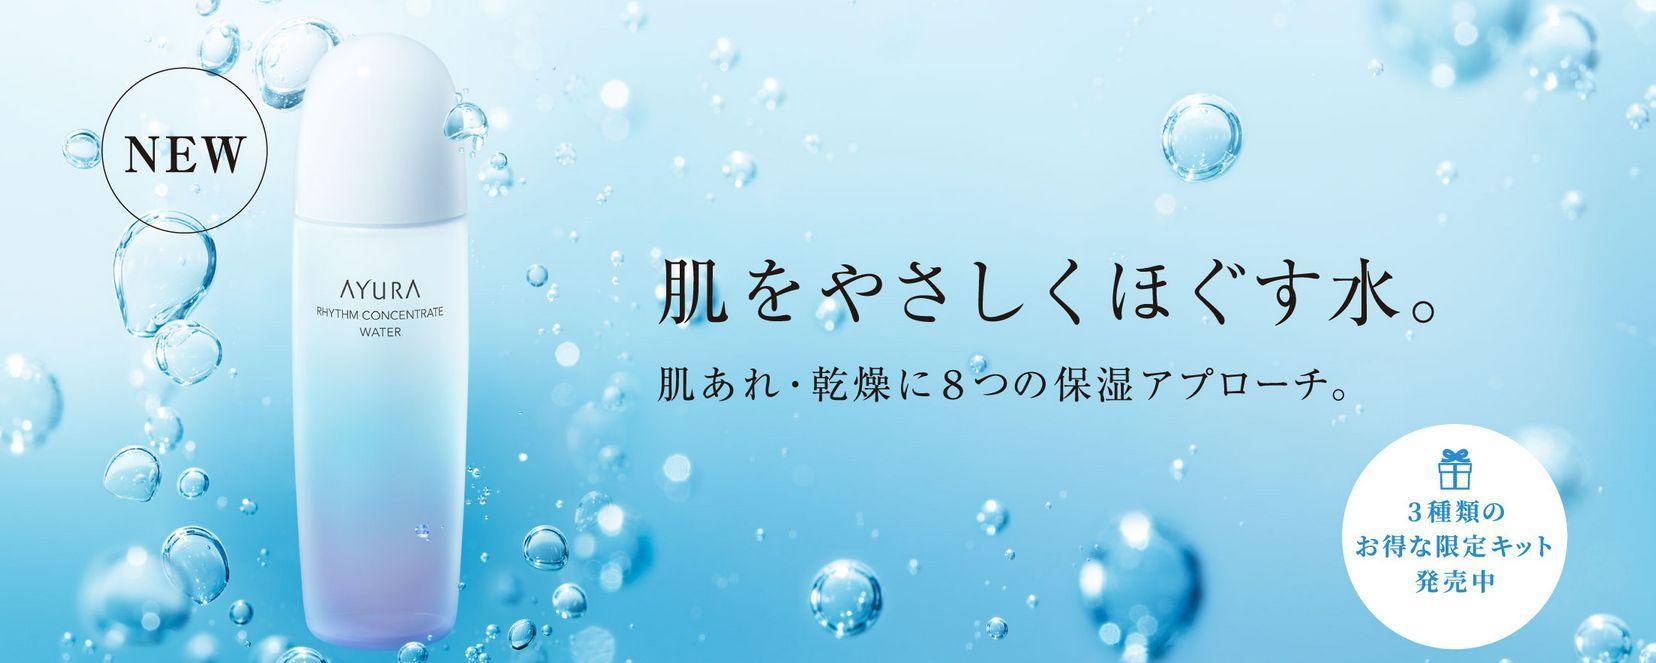 ayura19-0.jpg